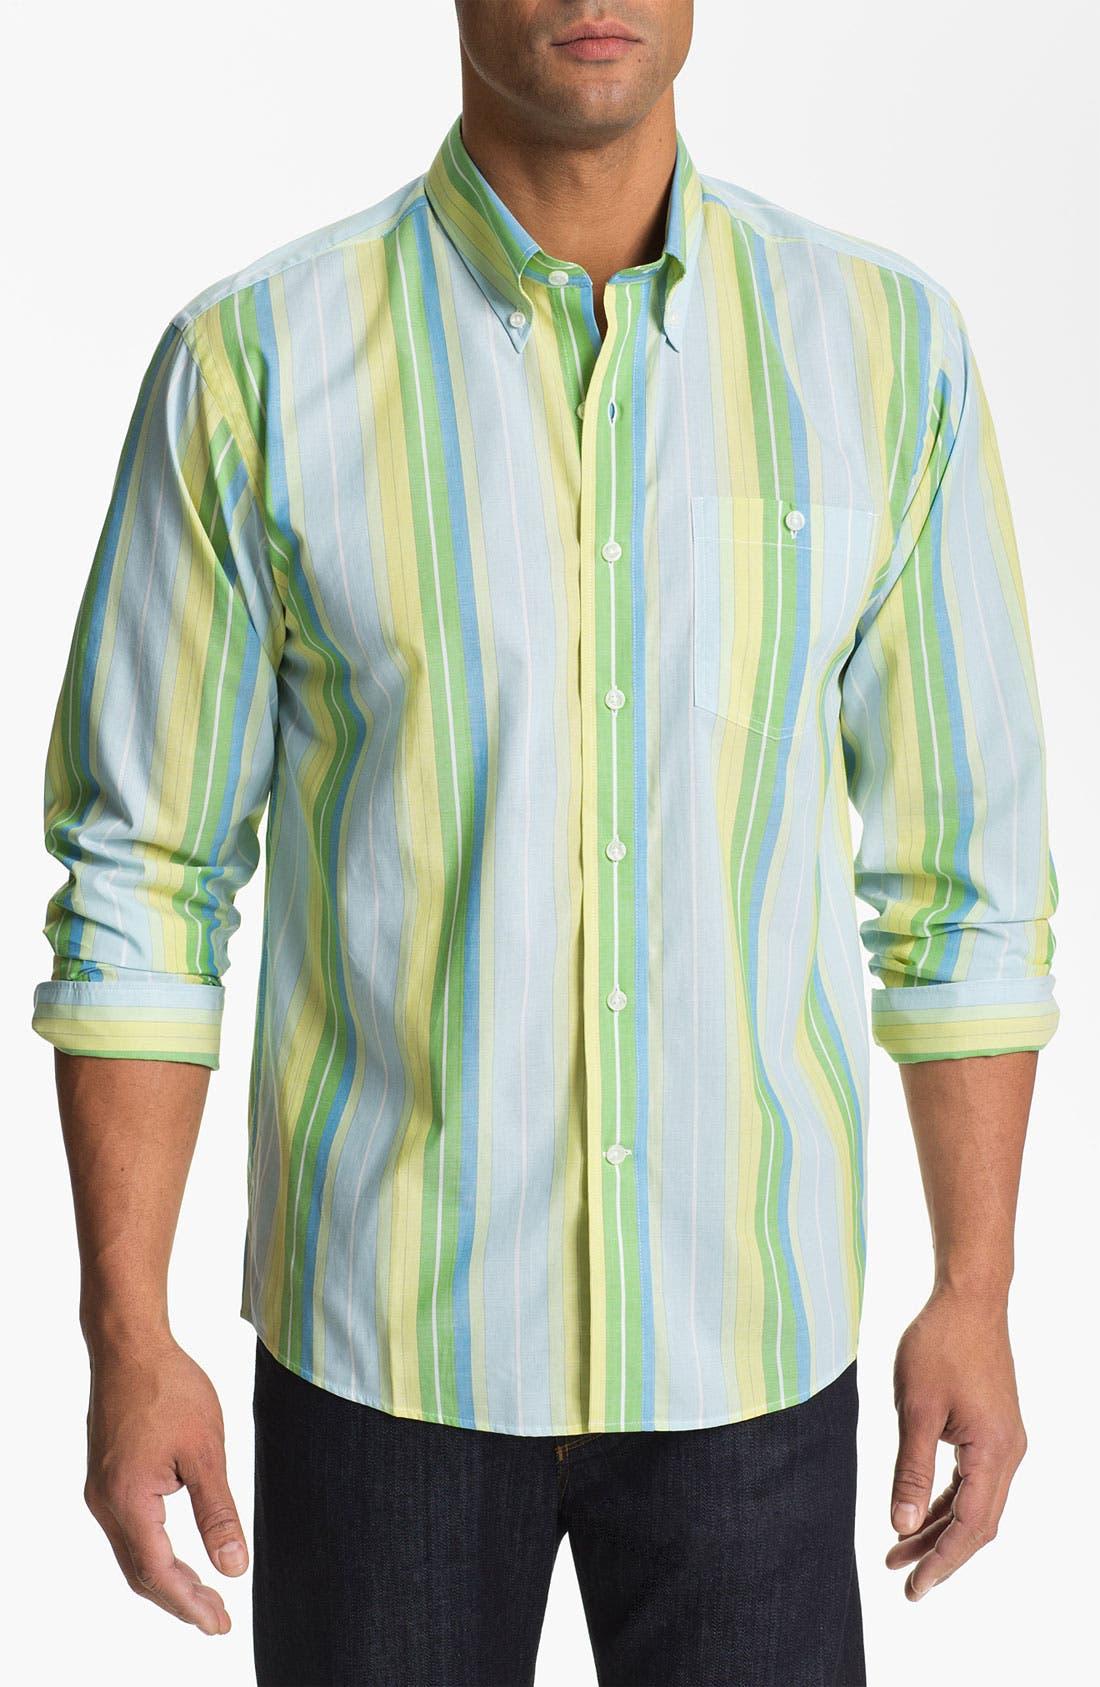 Alternate Image 1 Selected - Cutter & Buck 'Fisk Stripe' Regular Fit Cotton & Silk Sport Shirt (Big & Tall) (Online Only)